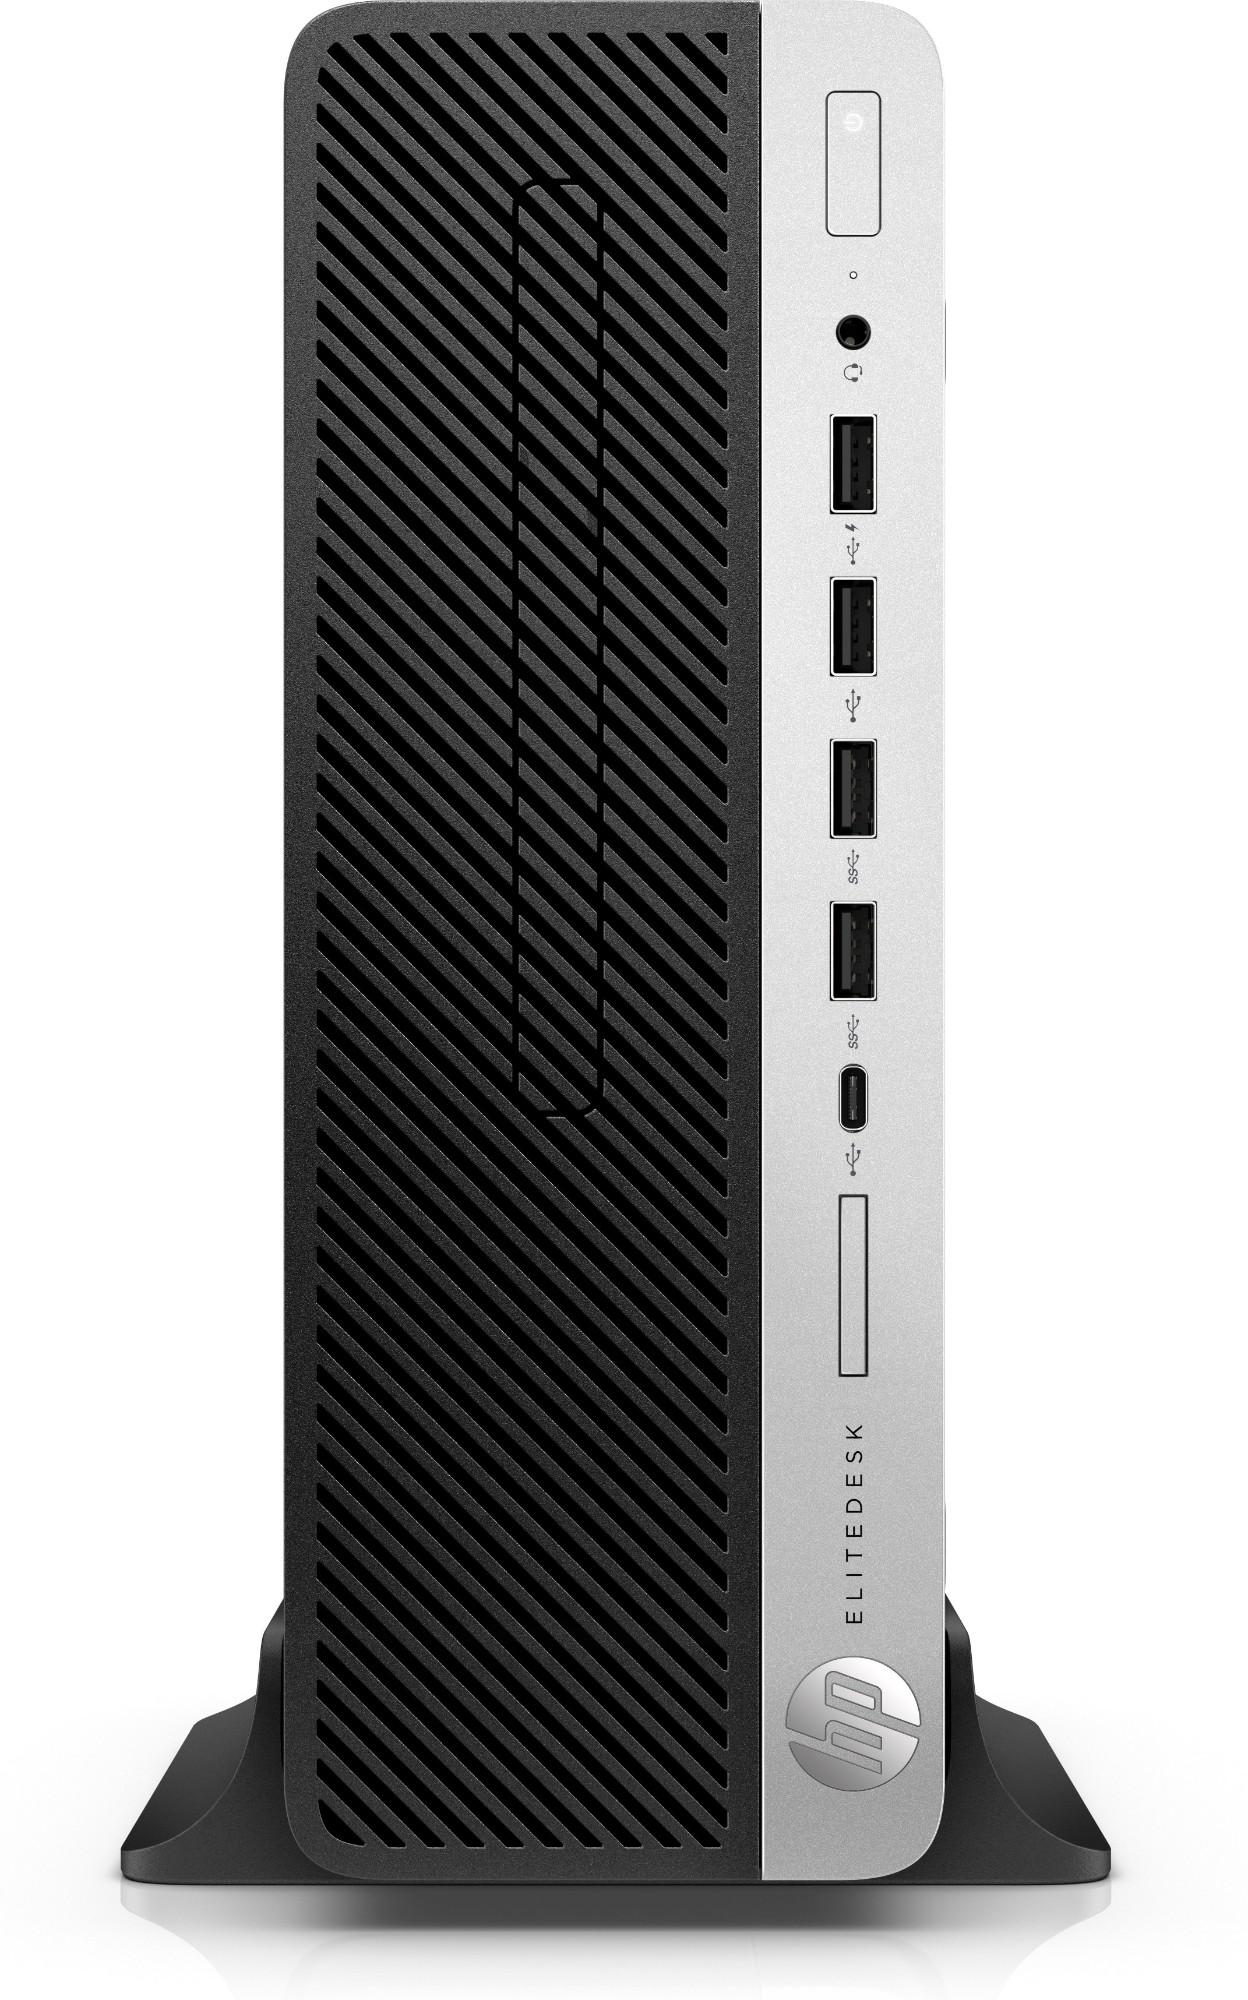 HP EliteDesk 705 G4 AMD Ryzen 3 2200G 8 GB DDR4-SDRAM 256 GB SSD Black,Silver SFF PC